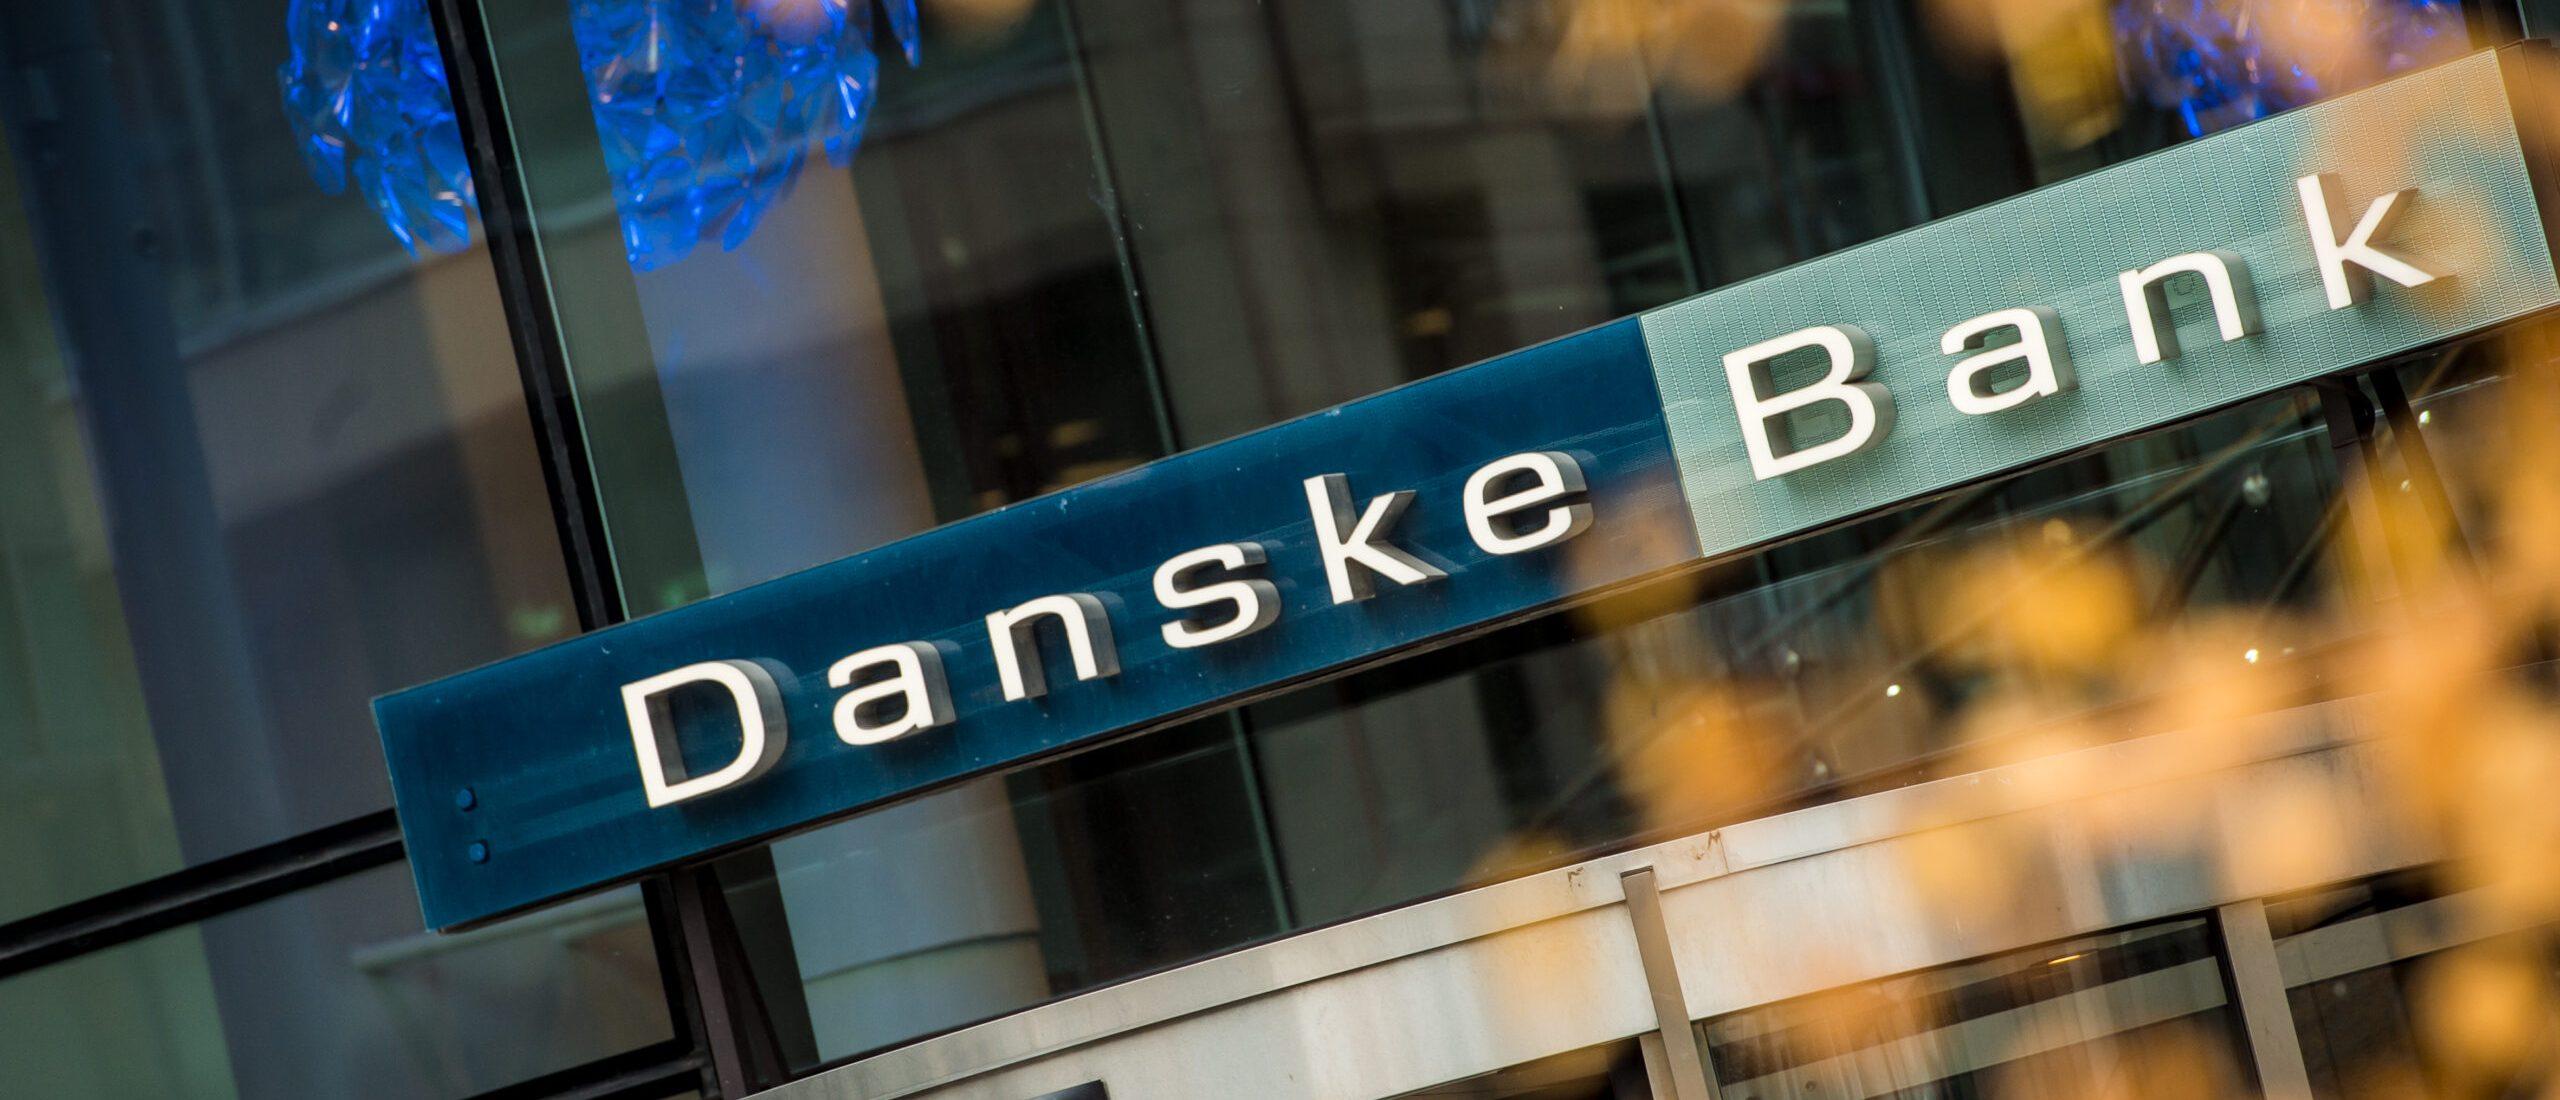 Danske Banks hovedlokaler i Oslo ligger på Aker Brygge og har adressen Bryggetorget 4 - Foto: Danske Bank